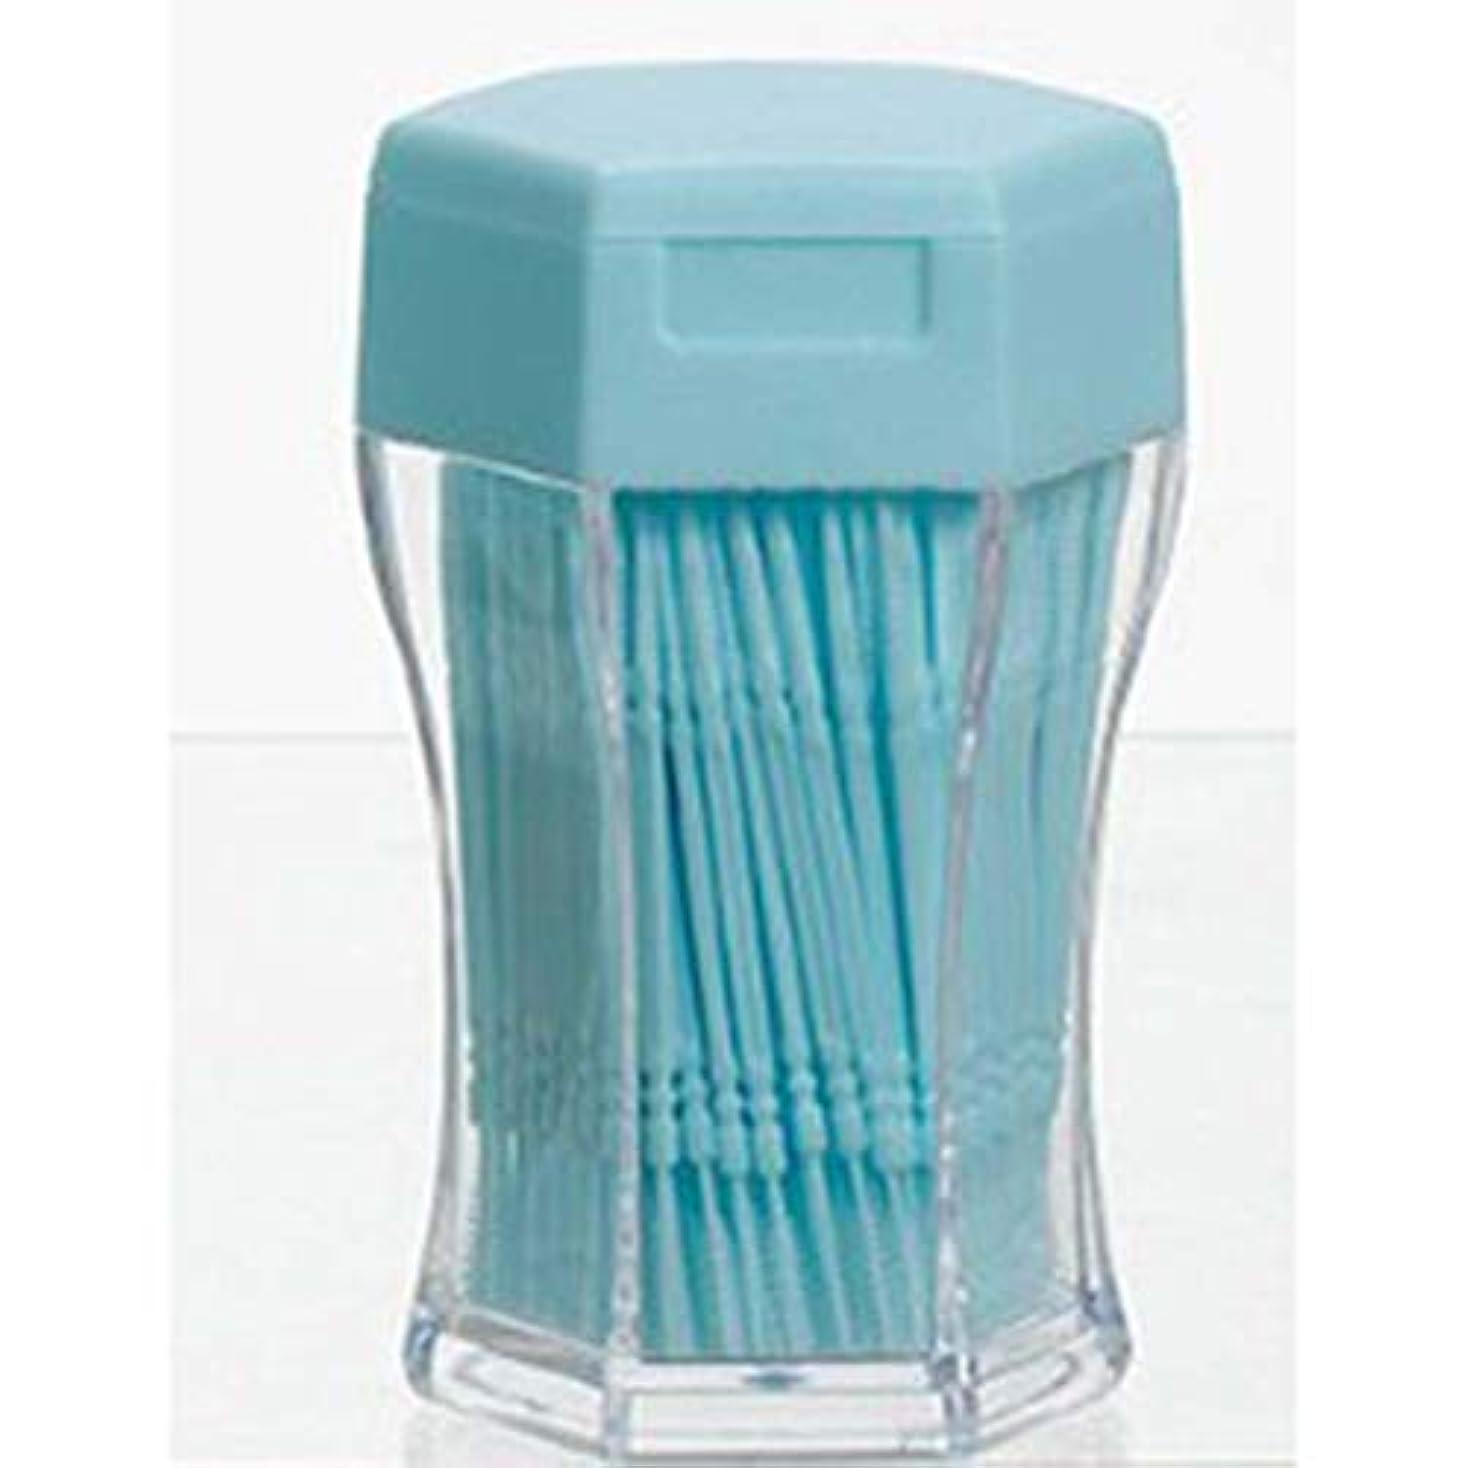 パプアニューギニア傭兵魔法200ピース/セットダブルヘッド歯フロス衛生デンタルフロスプラスチック歯間つまようじ健康用歯のクリーニングオーラルケア(Color:blue)